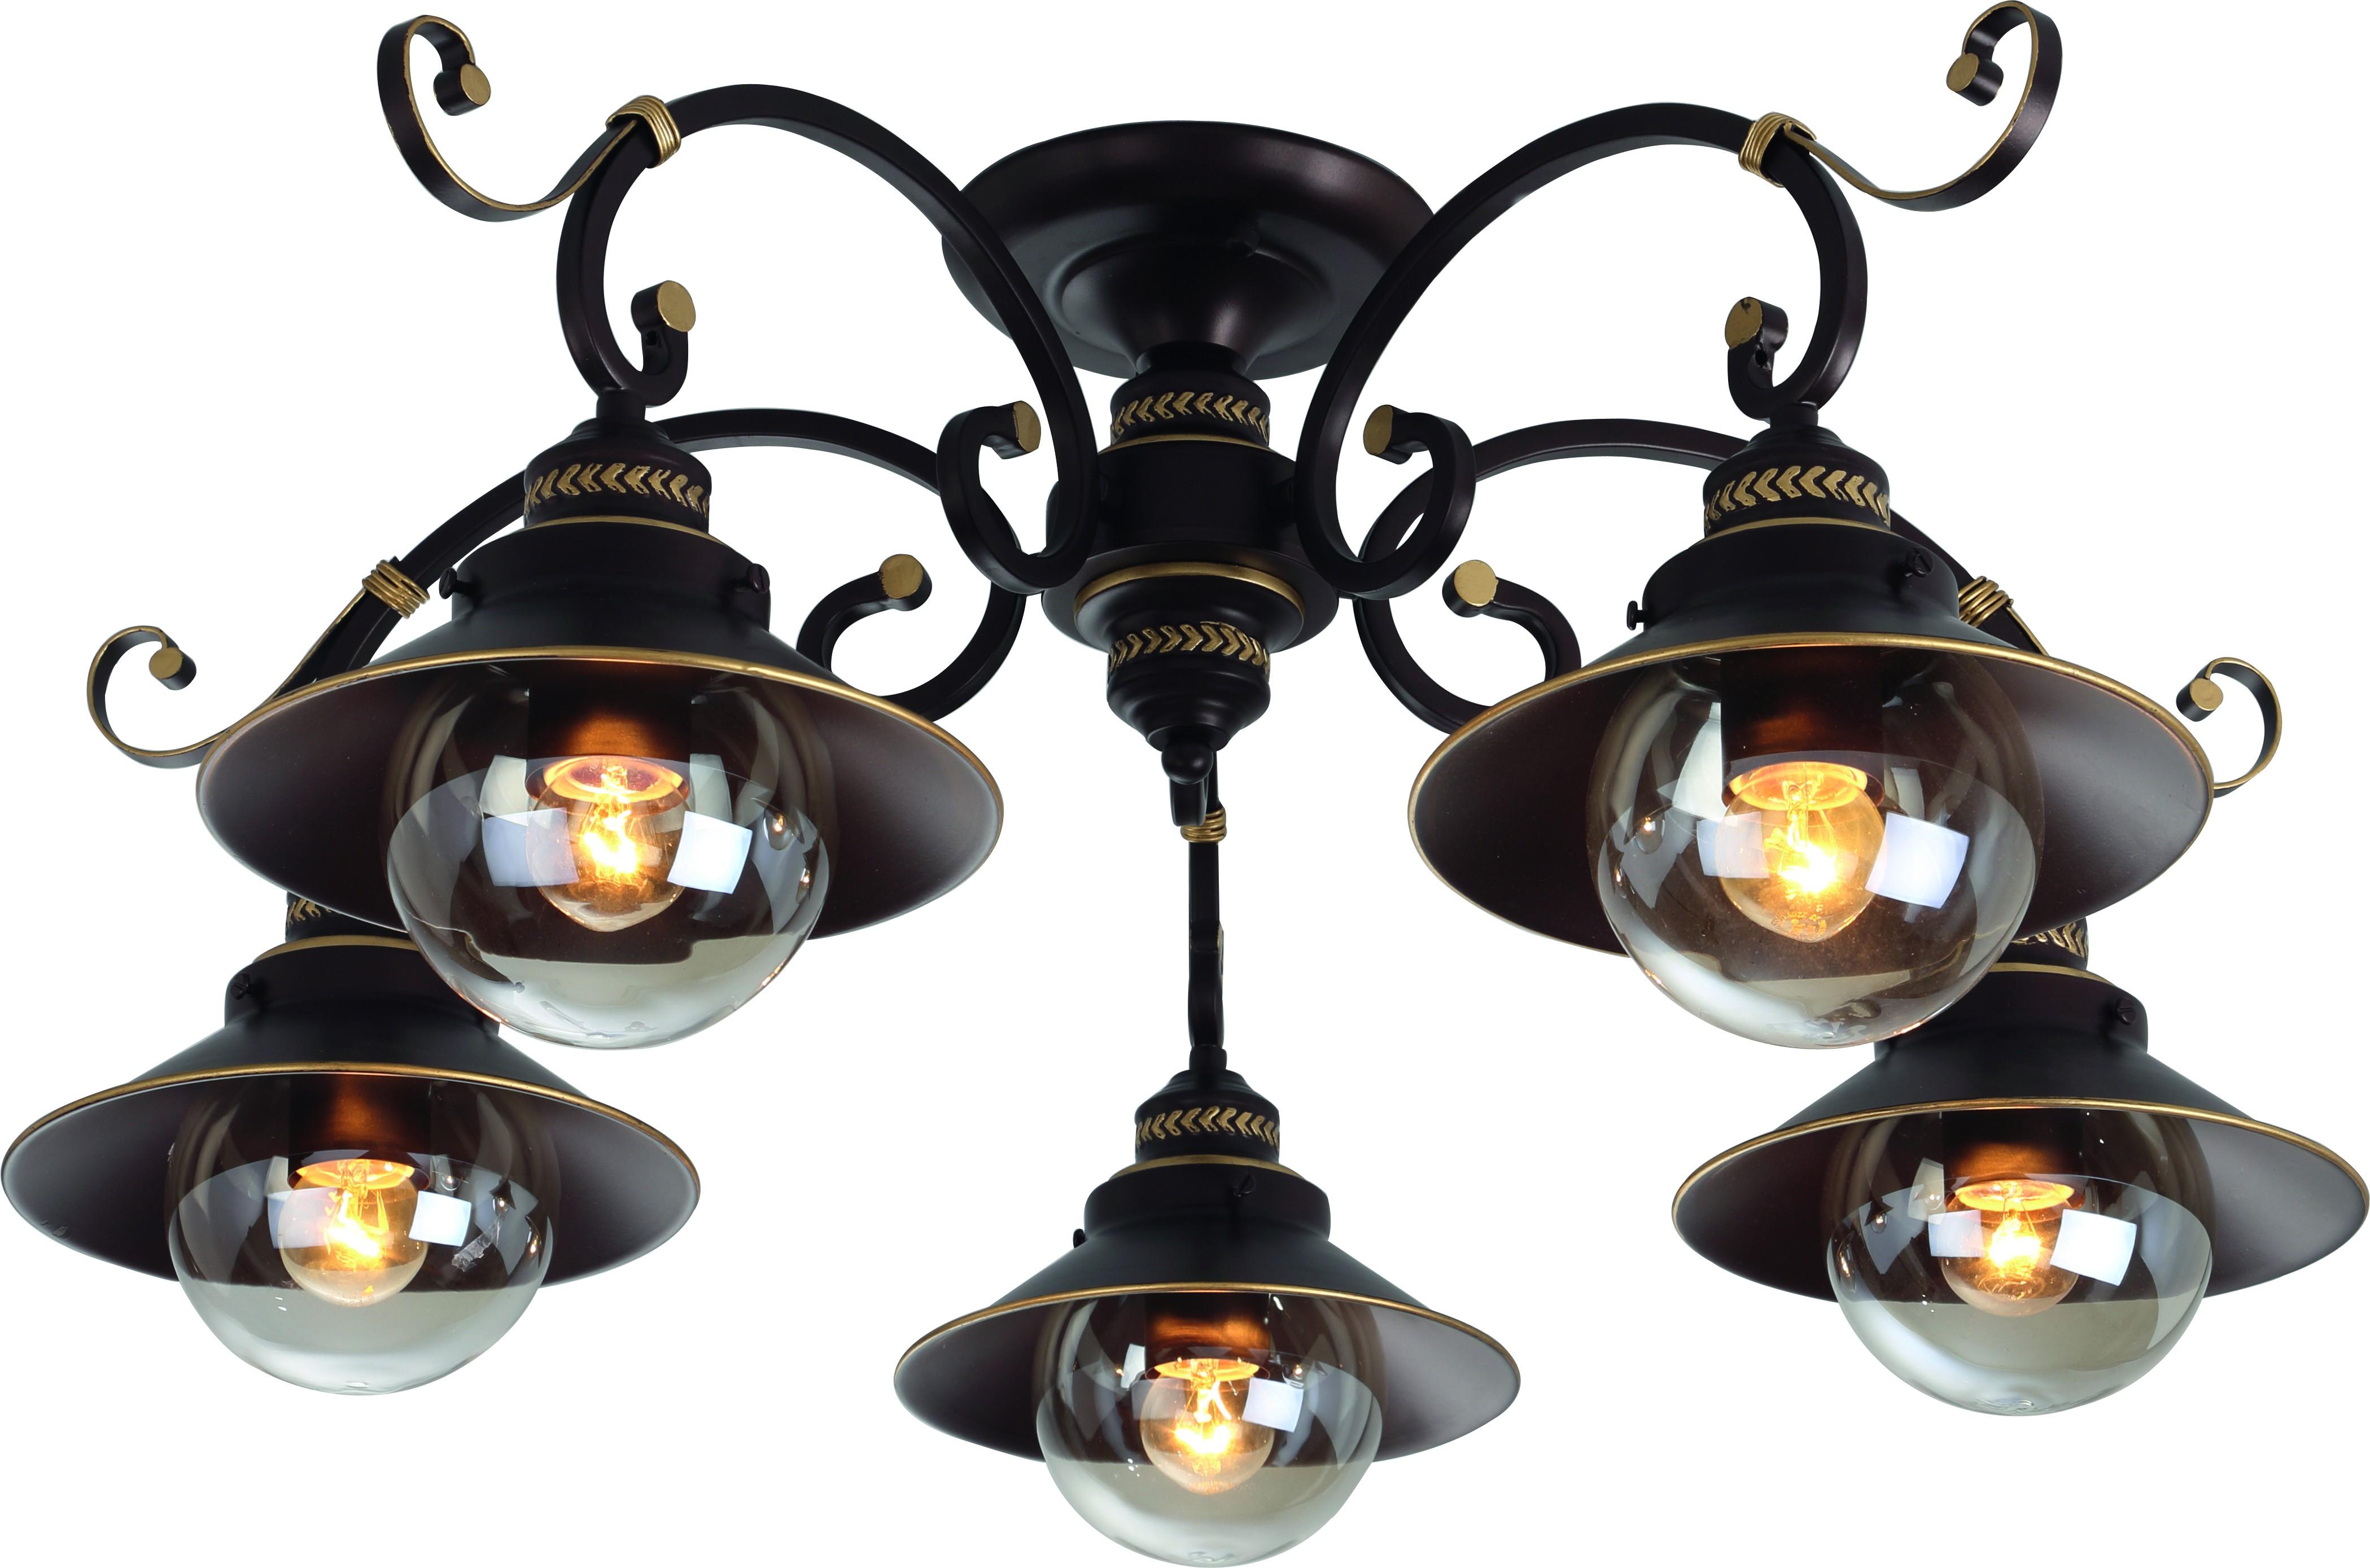 Люстра Arte lamp A4577pl-5ck aeg pl 750